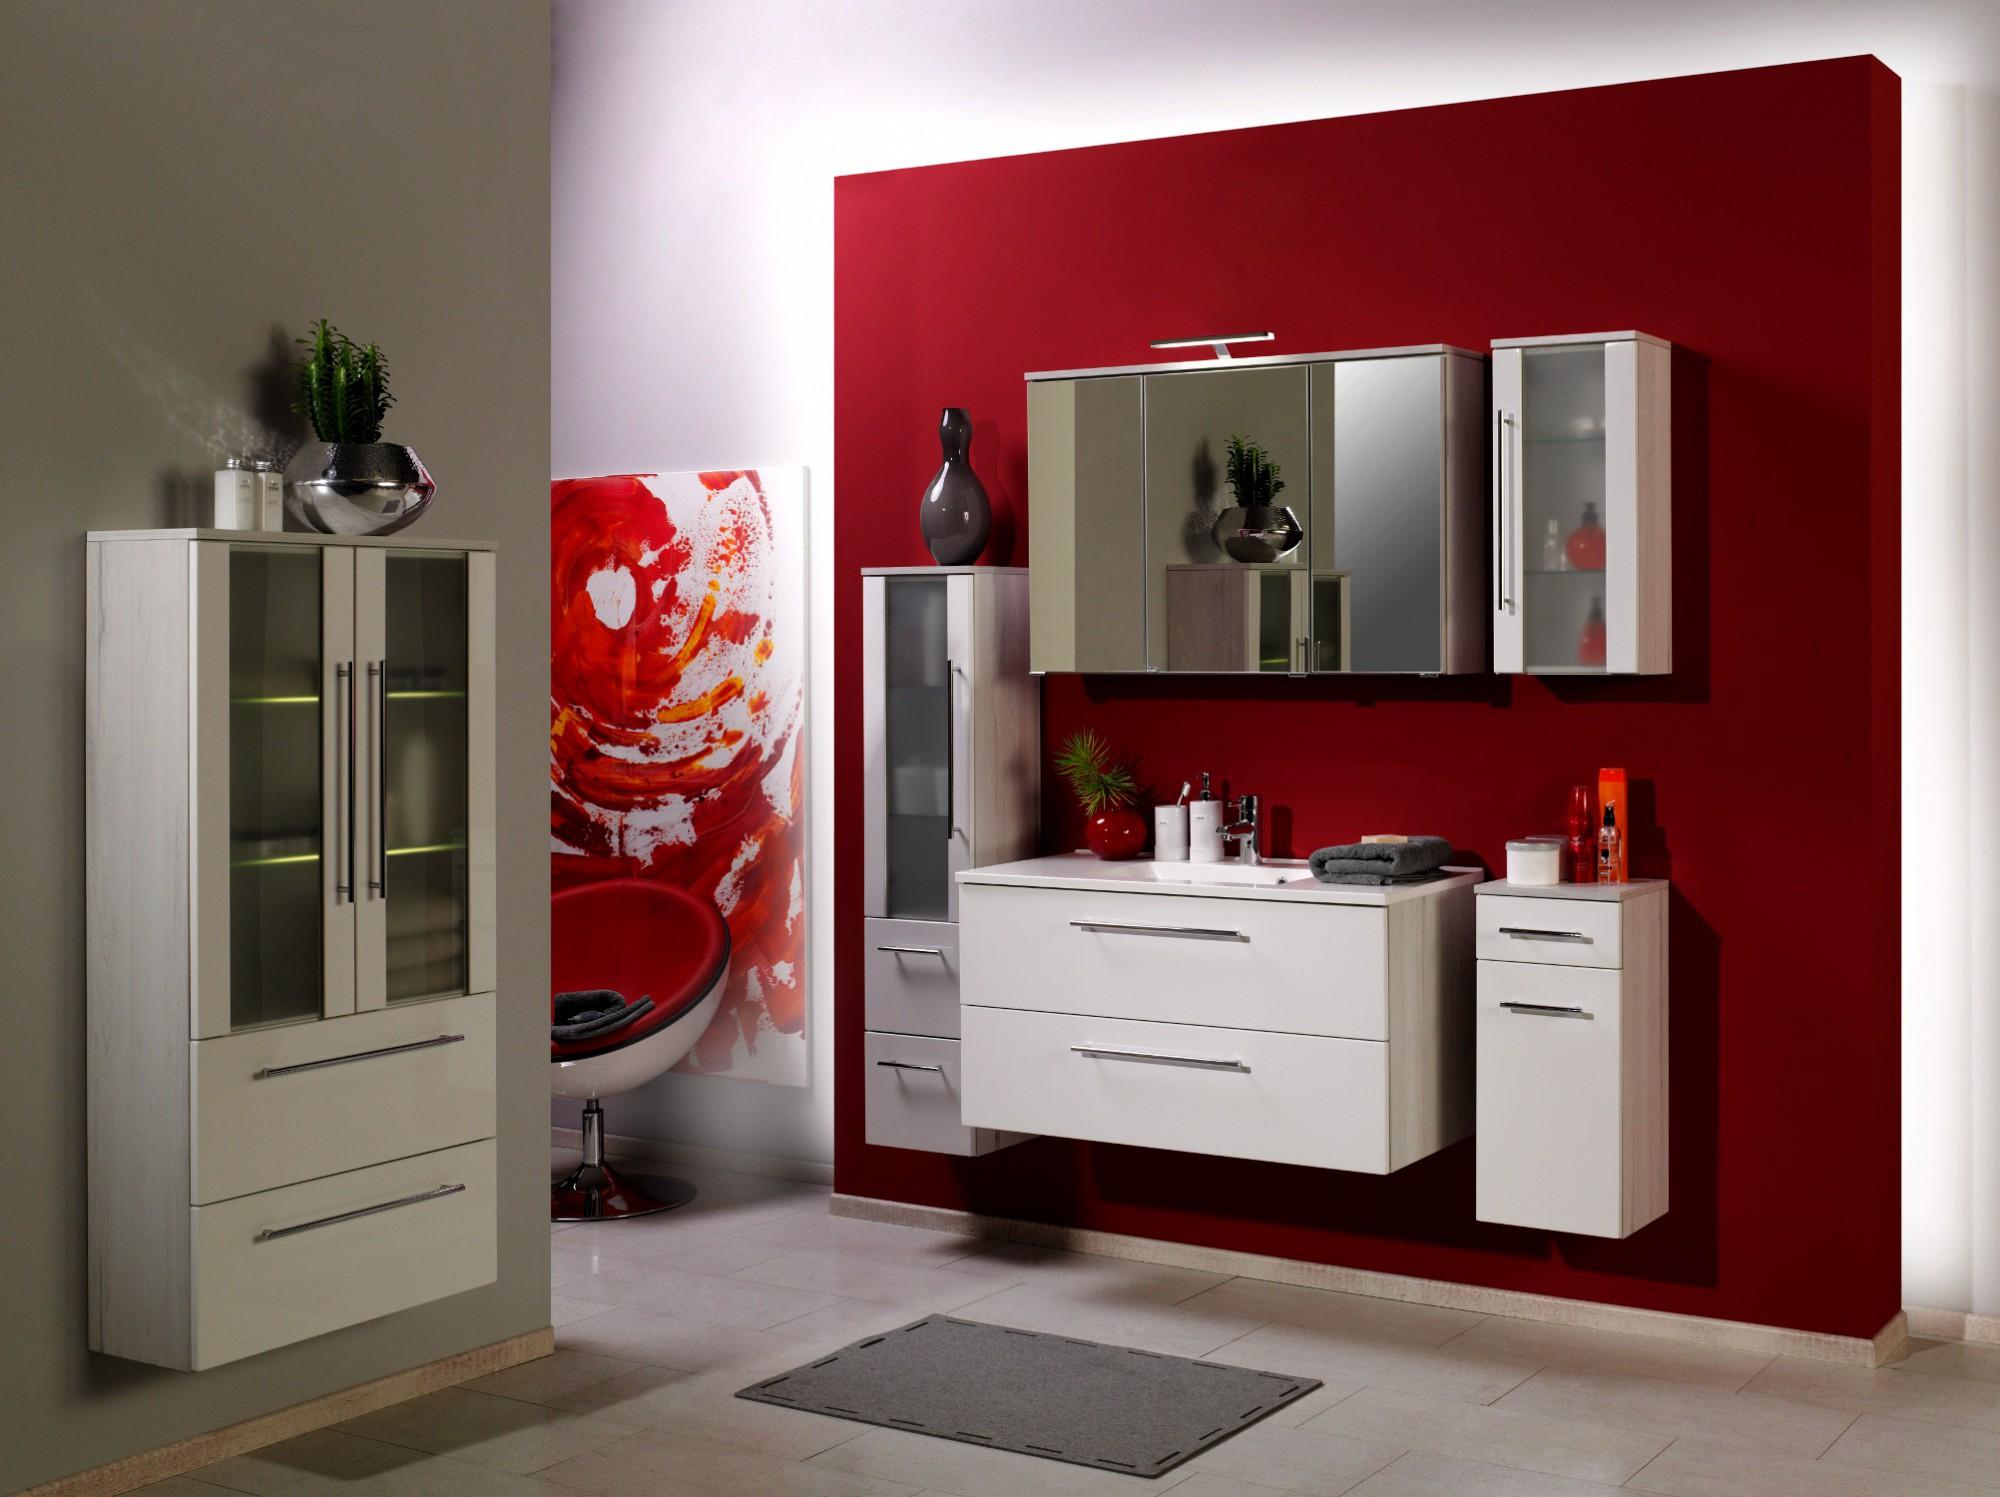 au ergew hnliche led aufsatzleuchte bad cq14 kyushucon. Black Bedroom Furniture Sets. Home Design Ideas